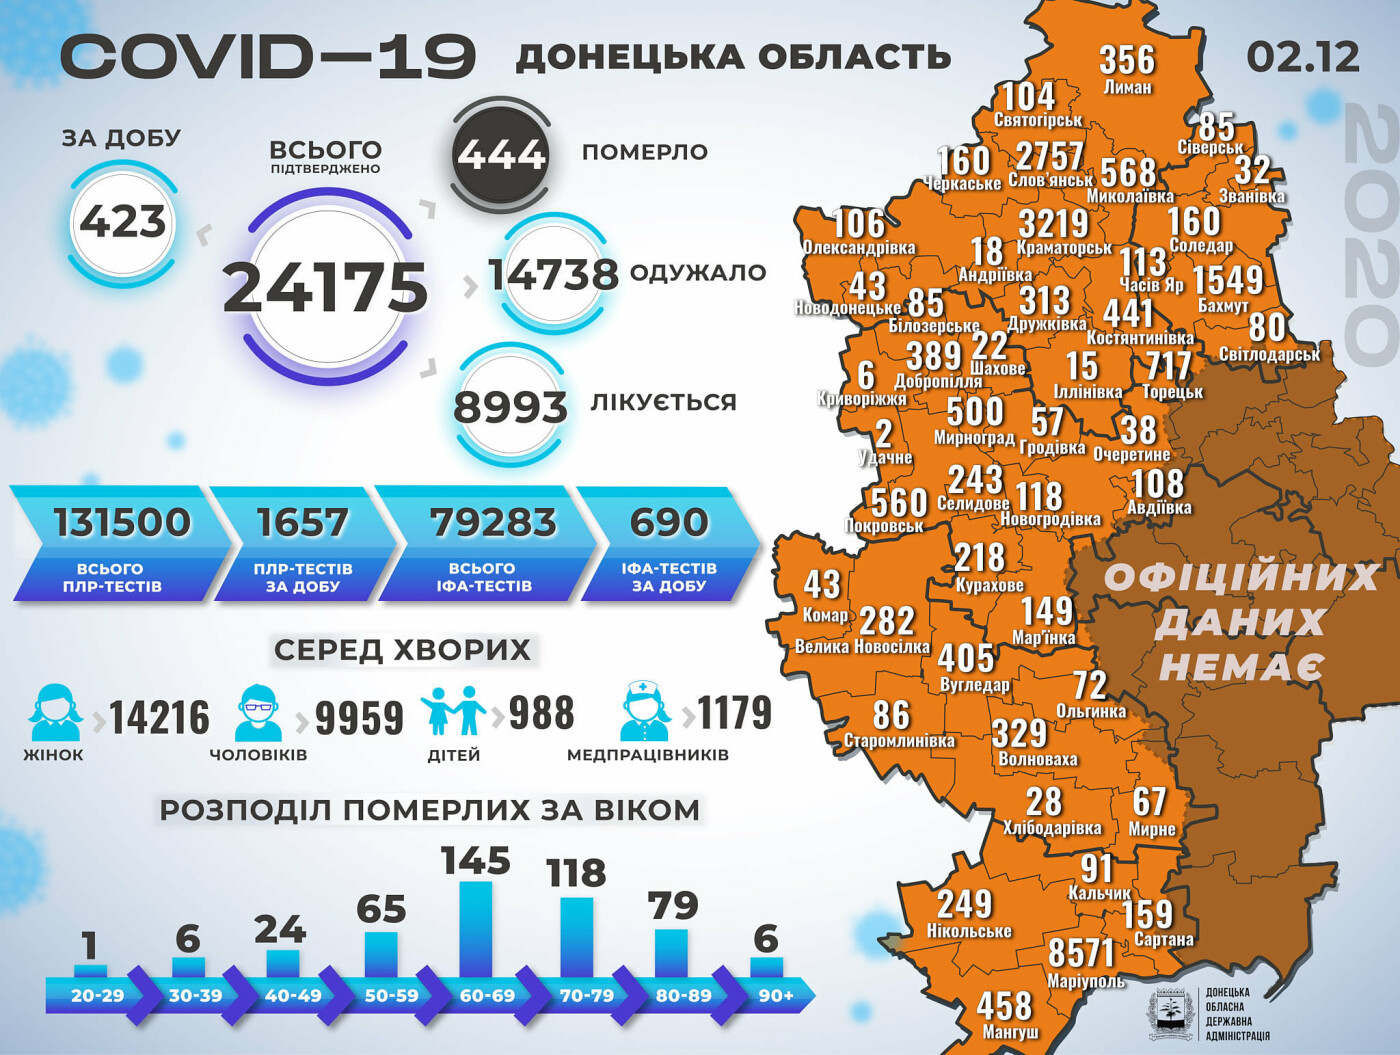 В Донецкой области коронавирус за сутки унес жизни 17 человек, 423 новых случая, фото-1